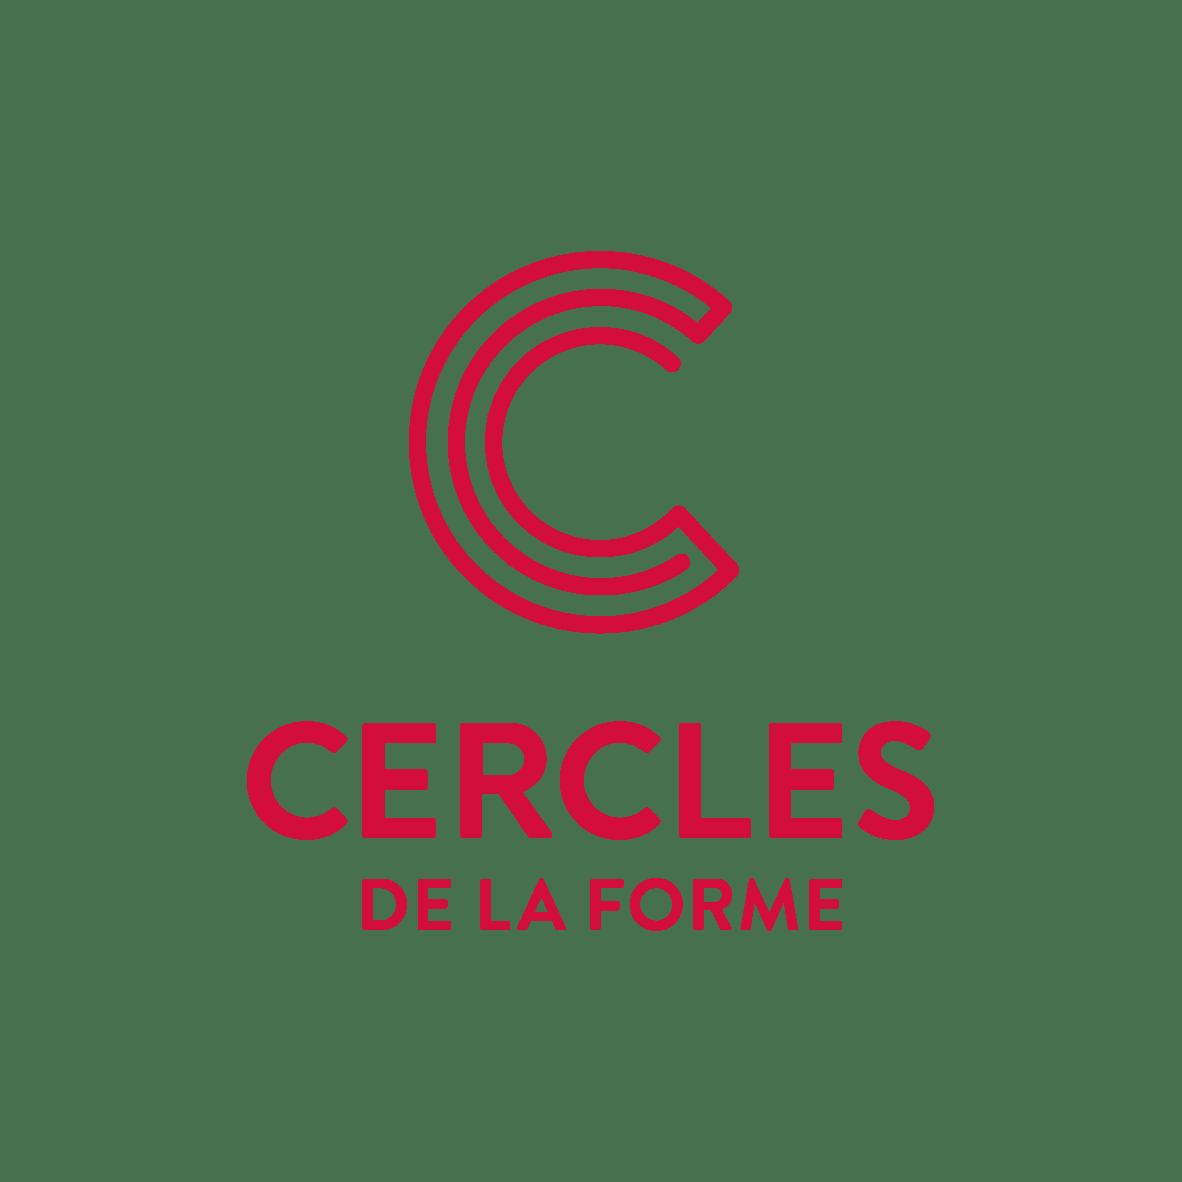 cercles de la forme